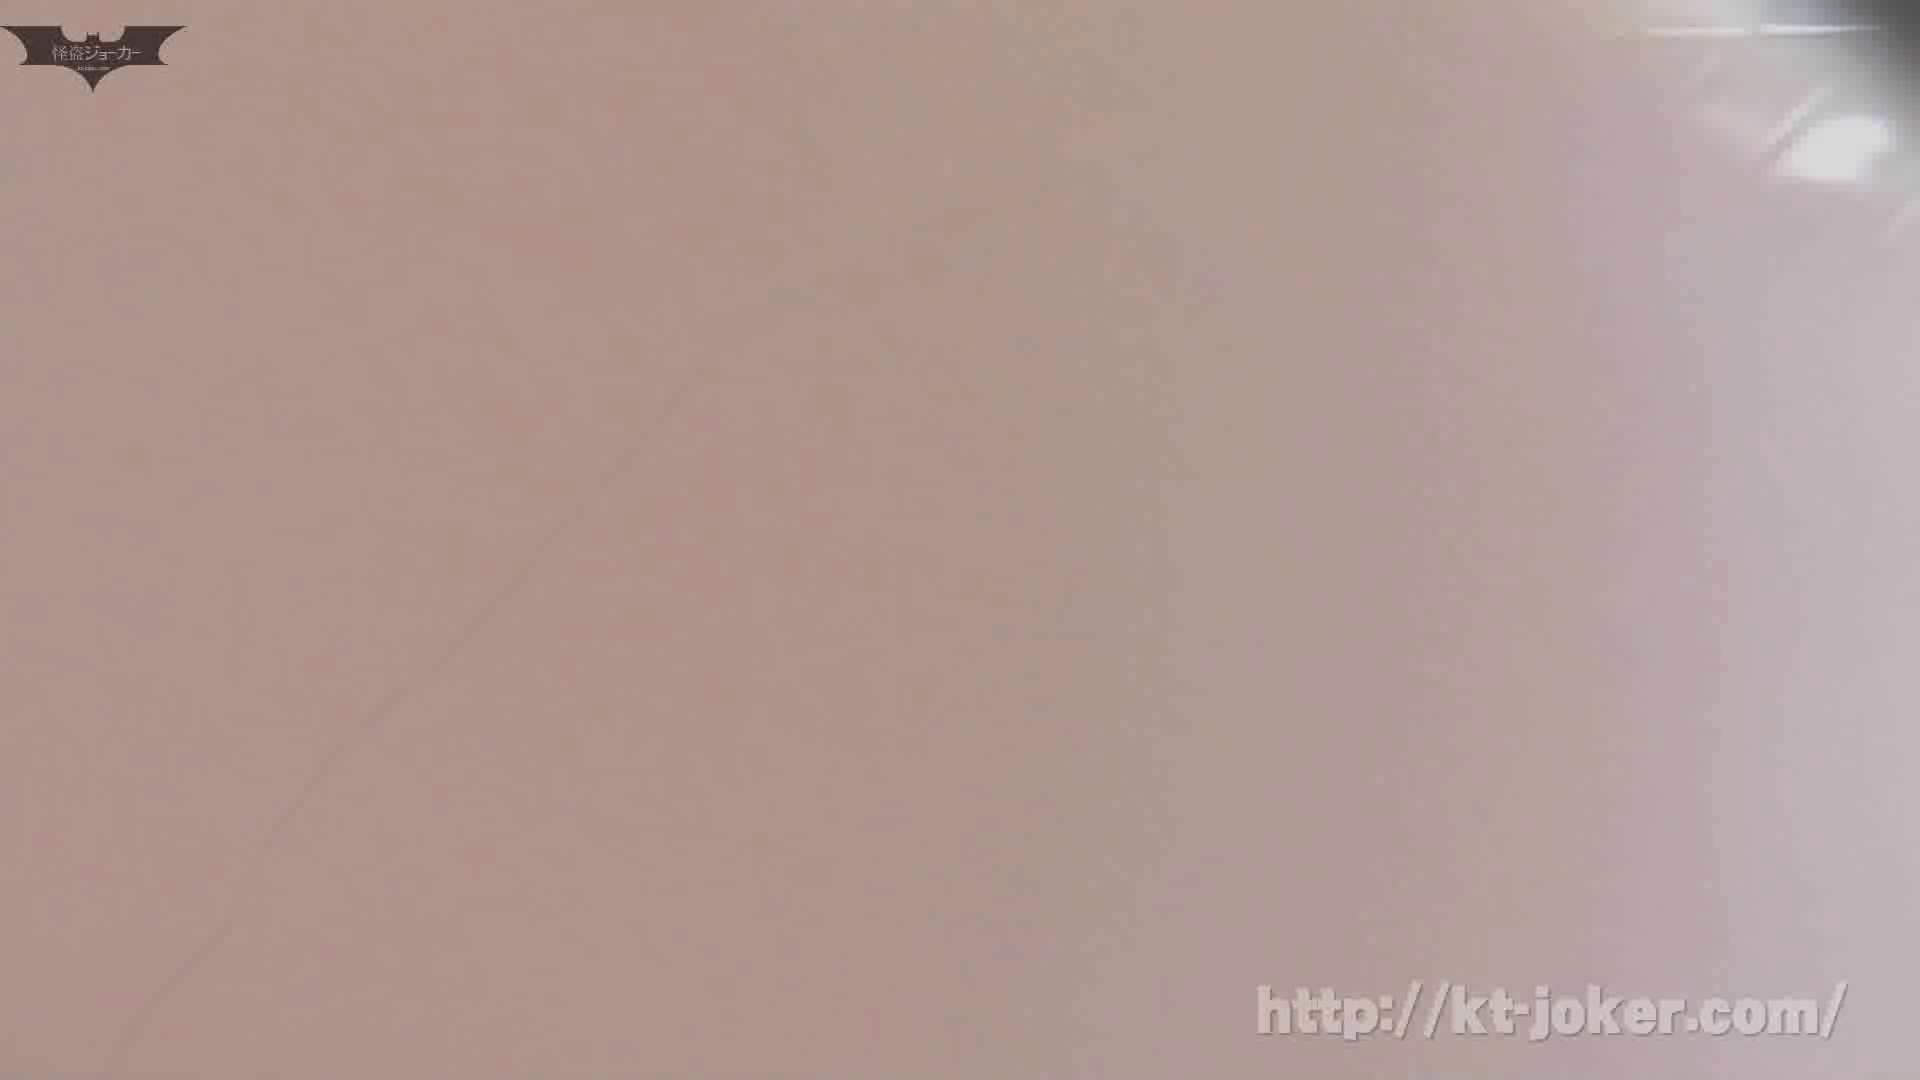 命がけ潜伏洗面所! vol.56 ピンチ!!「鏡の前で祈る女性」にばれる危機 洗面所突入   プライベート  105pic 70